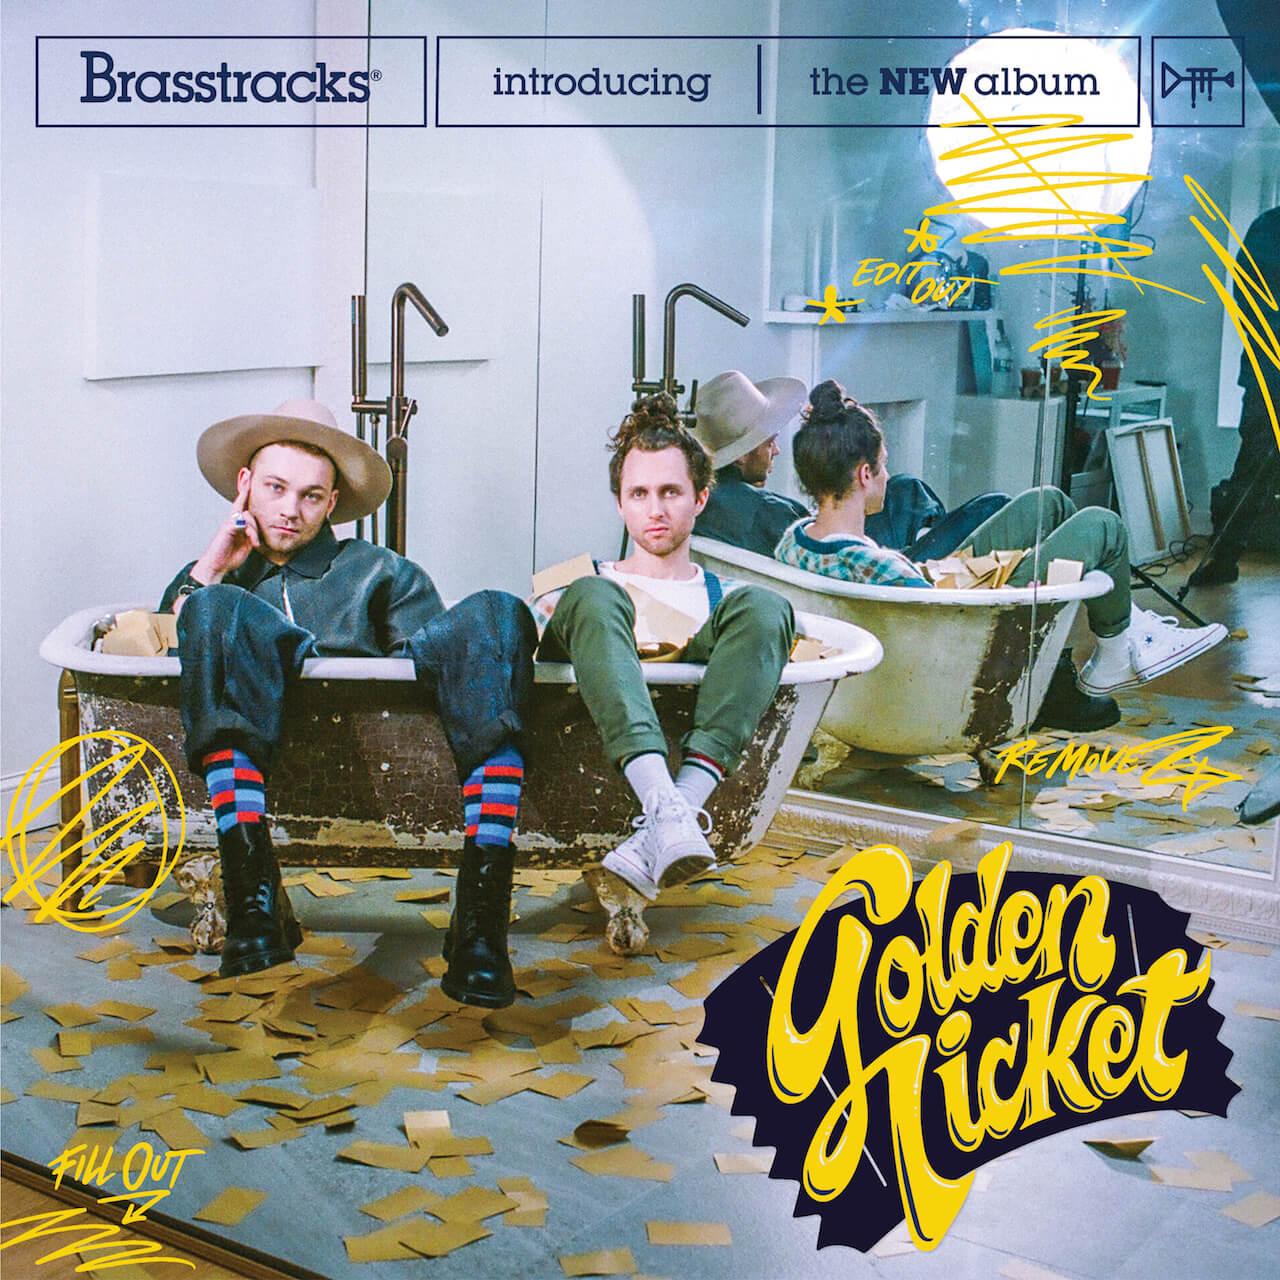 インタビュー|Brasstracksが新たな扉を開く『Golden Ticket』を手に入れるまで music_brasstracks_04